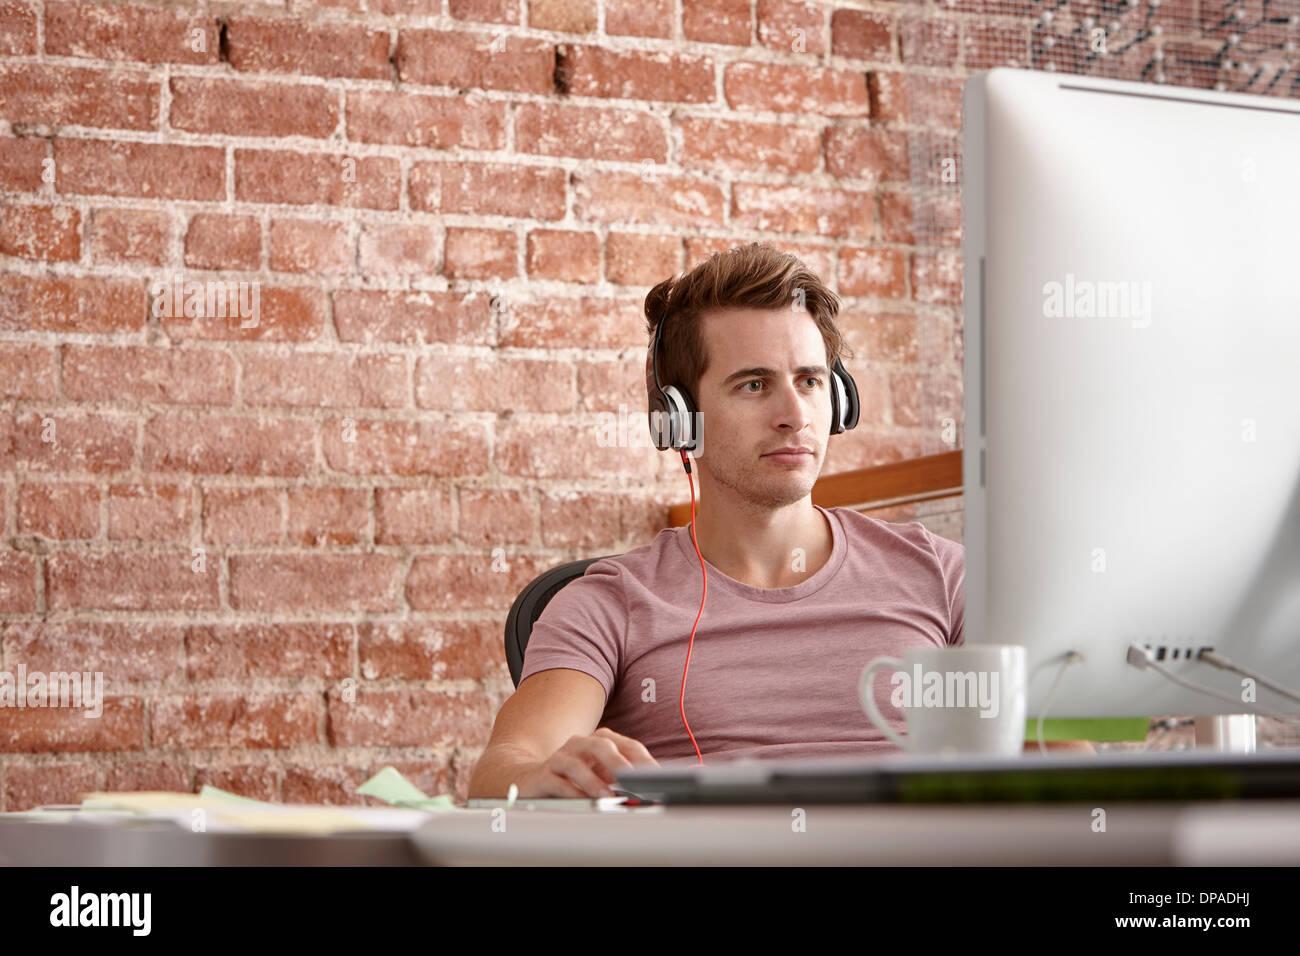 Joven utilizando el ordenador usando audífonos Imagen De Stock